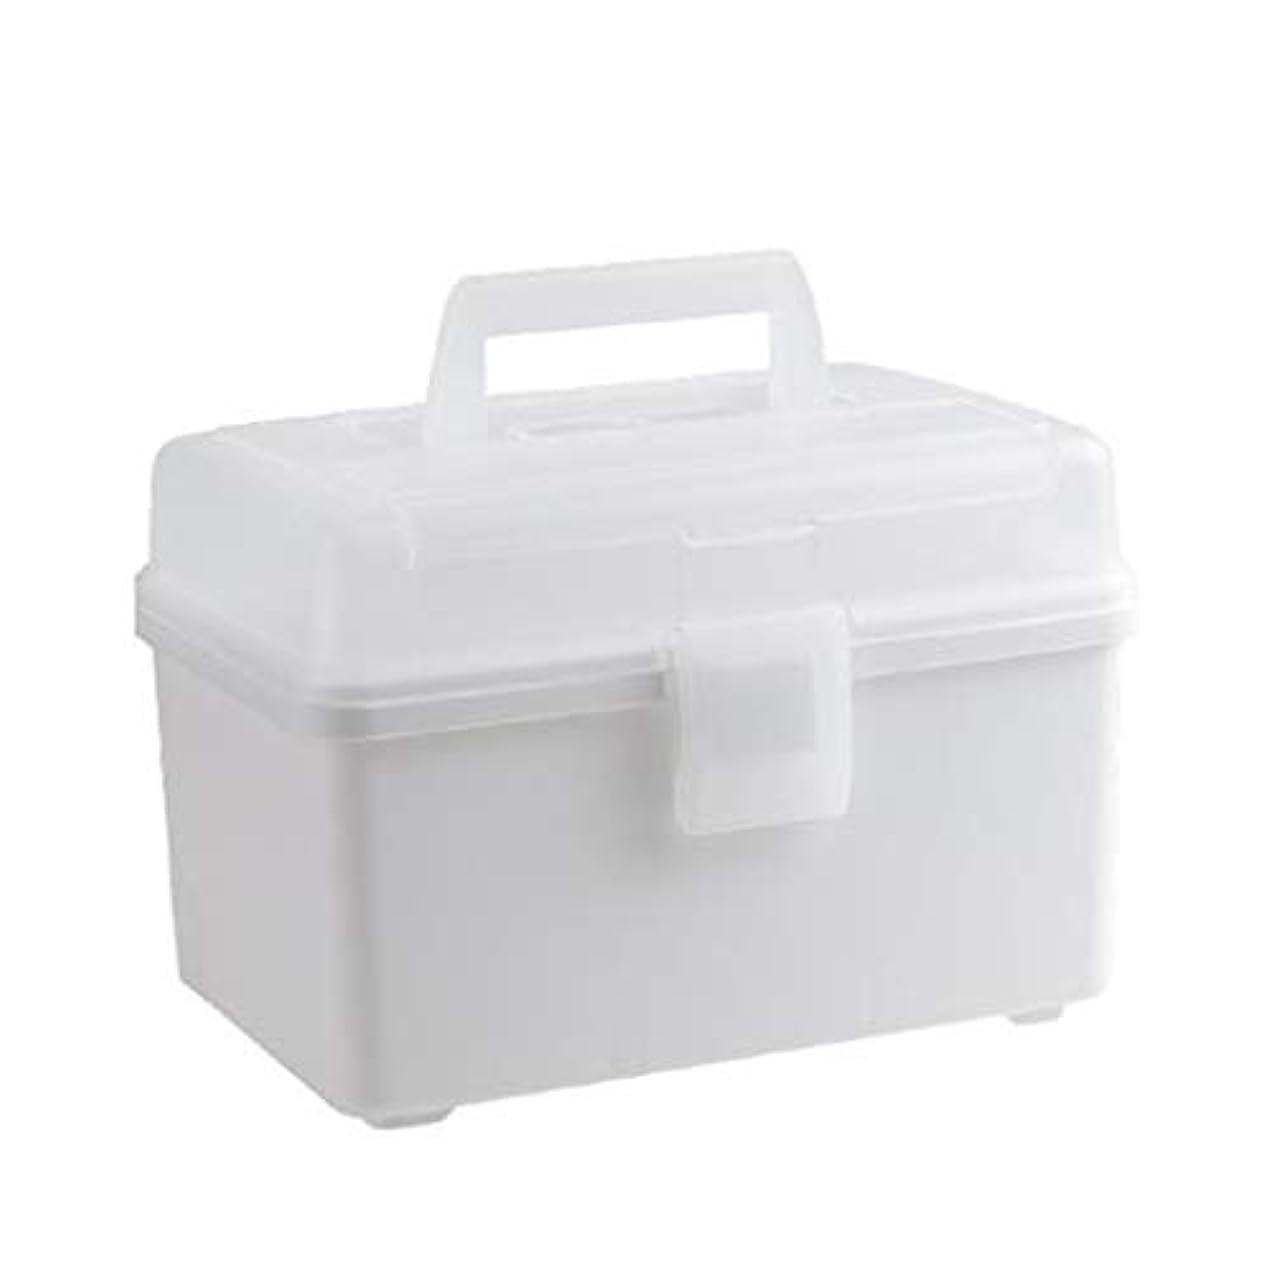 疎外八百屋さん名門大容量薬箱家庭用ポータブル小薬箱薬収納ボックスクリエイティブコンパートメント多層薬収納ボックス 薬箱 (Color : White)